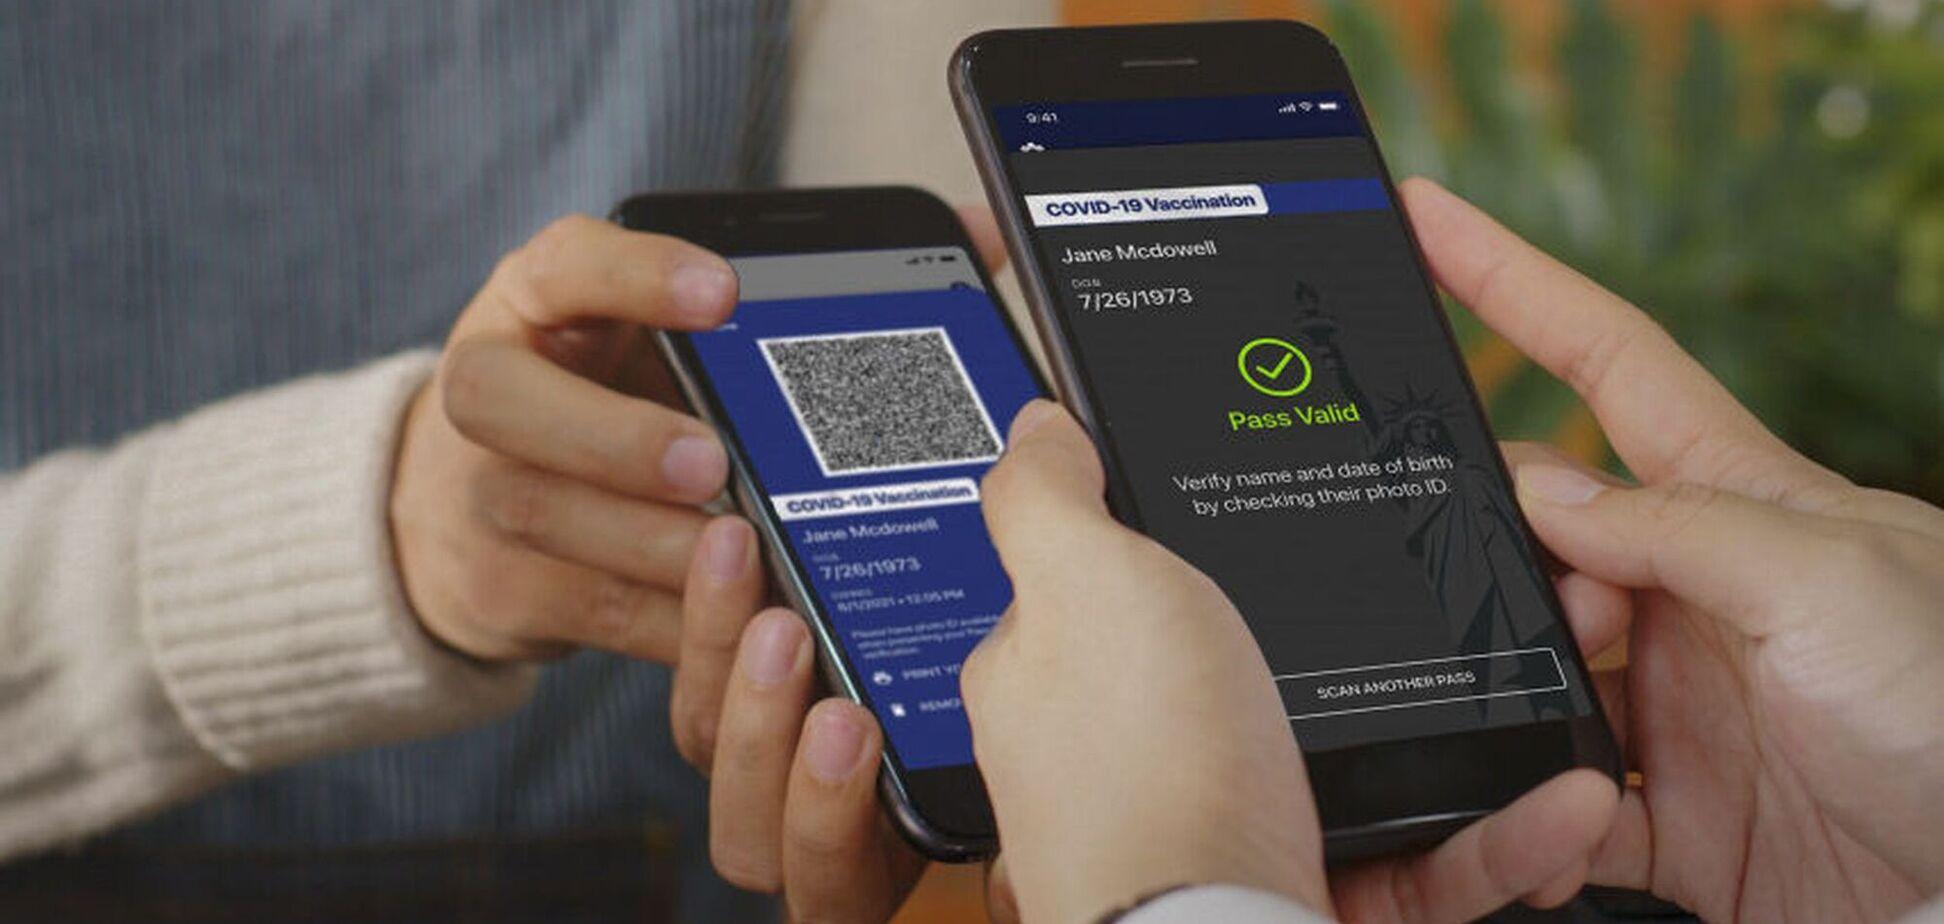 Пограничники ввели электронную проверку COVID сертификатов